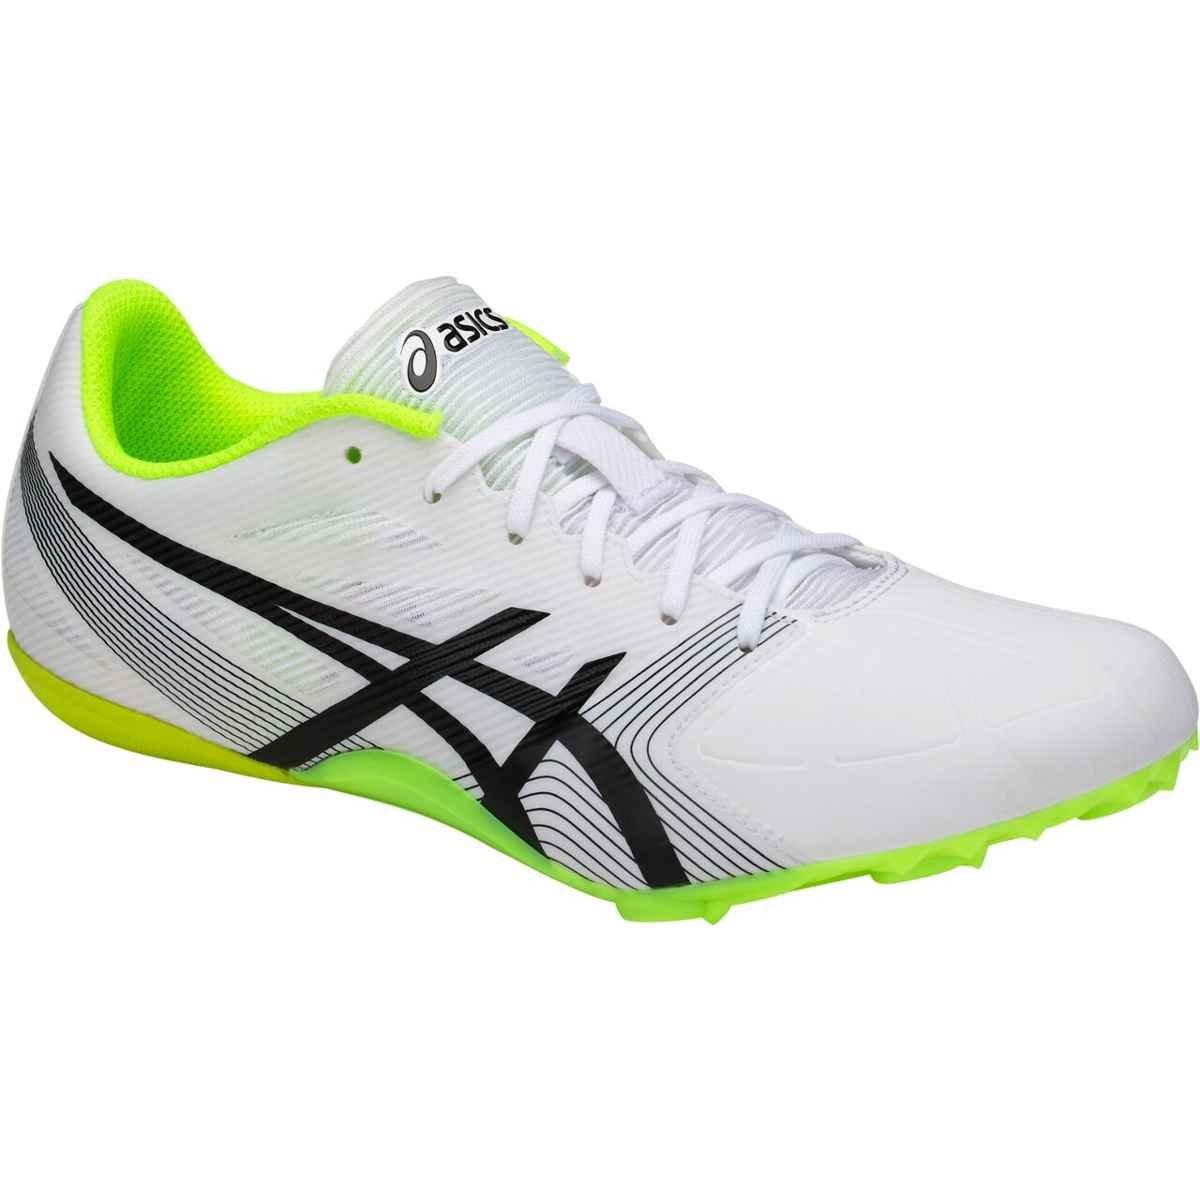 ASICS Hypersprint 6 Shoe Men's Track G500Y